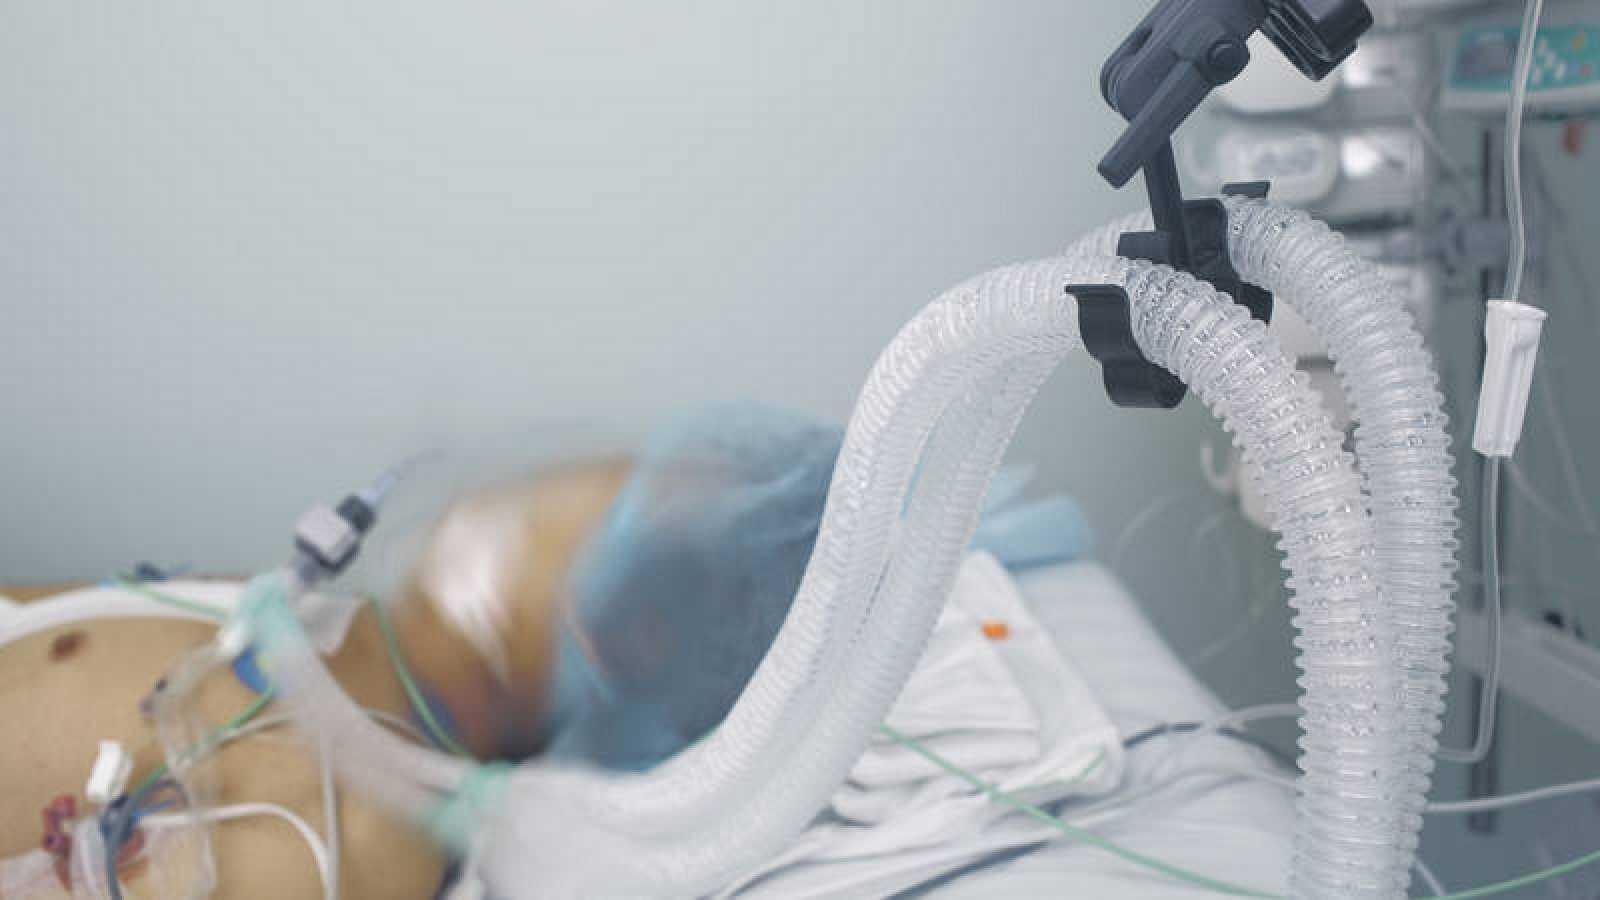 El Congreso da luz verde a abrir el debate para despenalizar la eutanasia